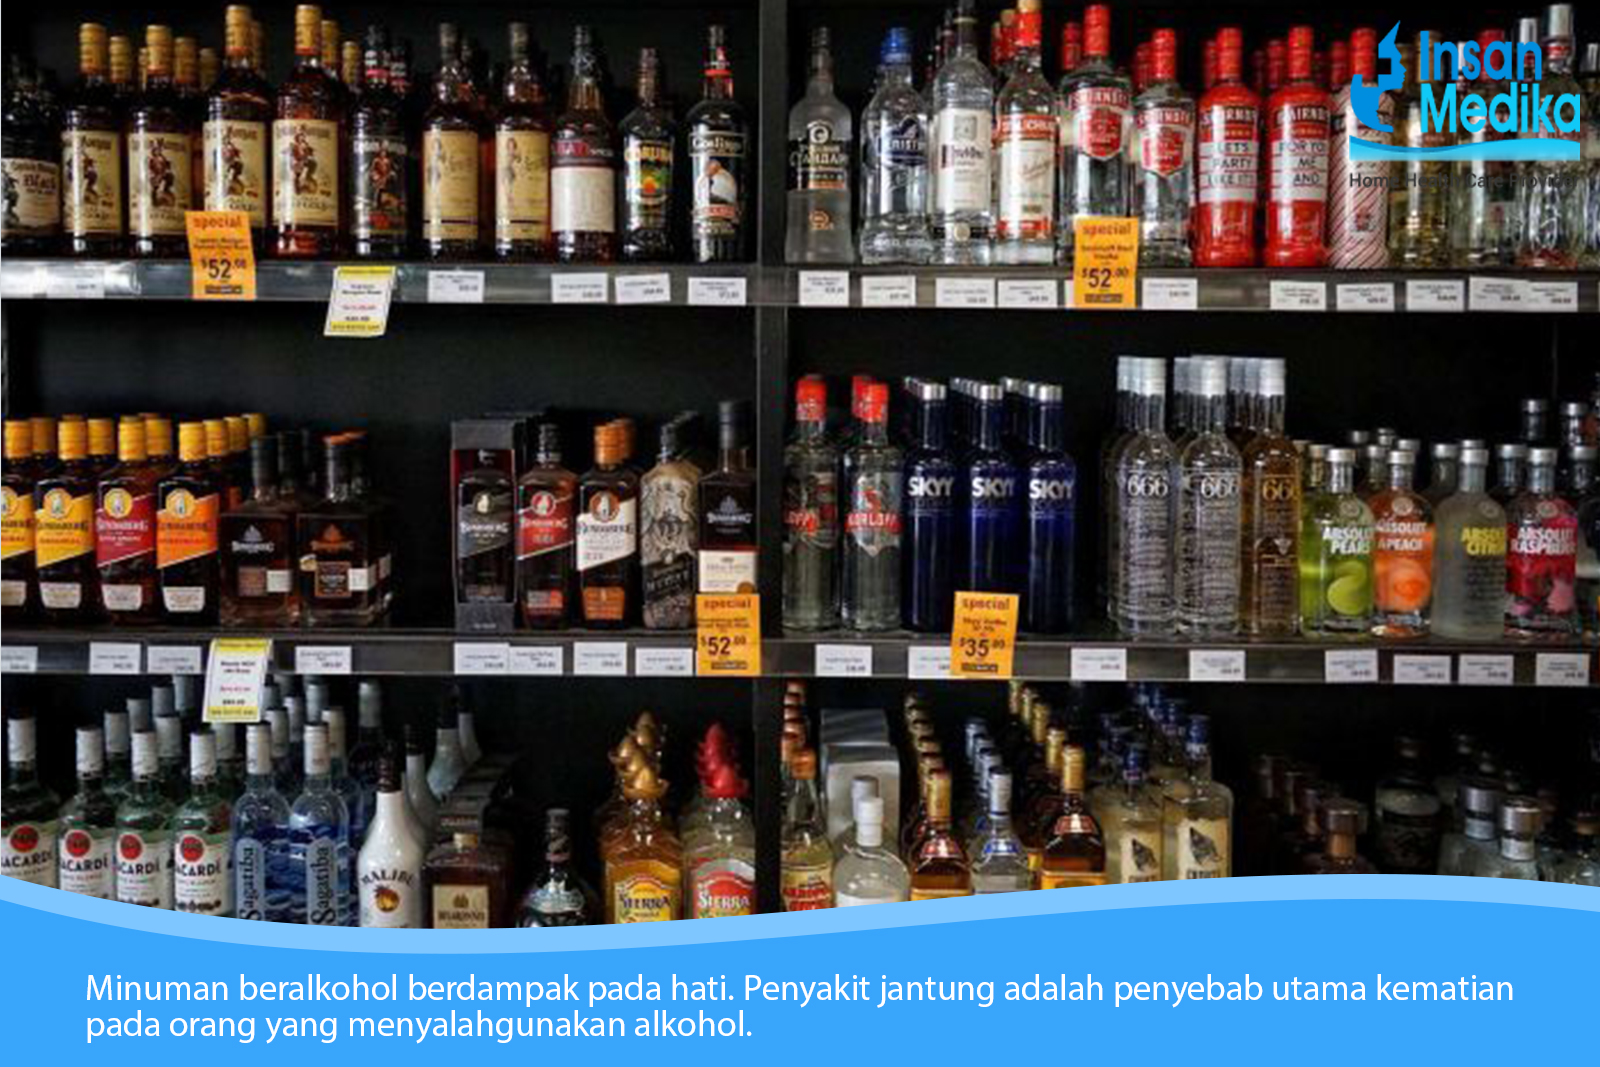 Minuman berakohol yang harus dihindari saat Imlek untuk menjaga kesehatan.